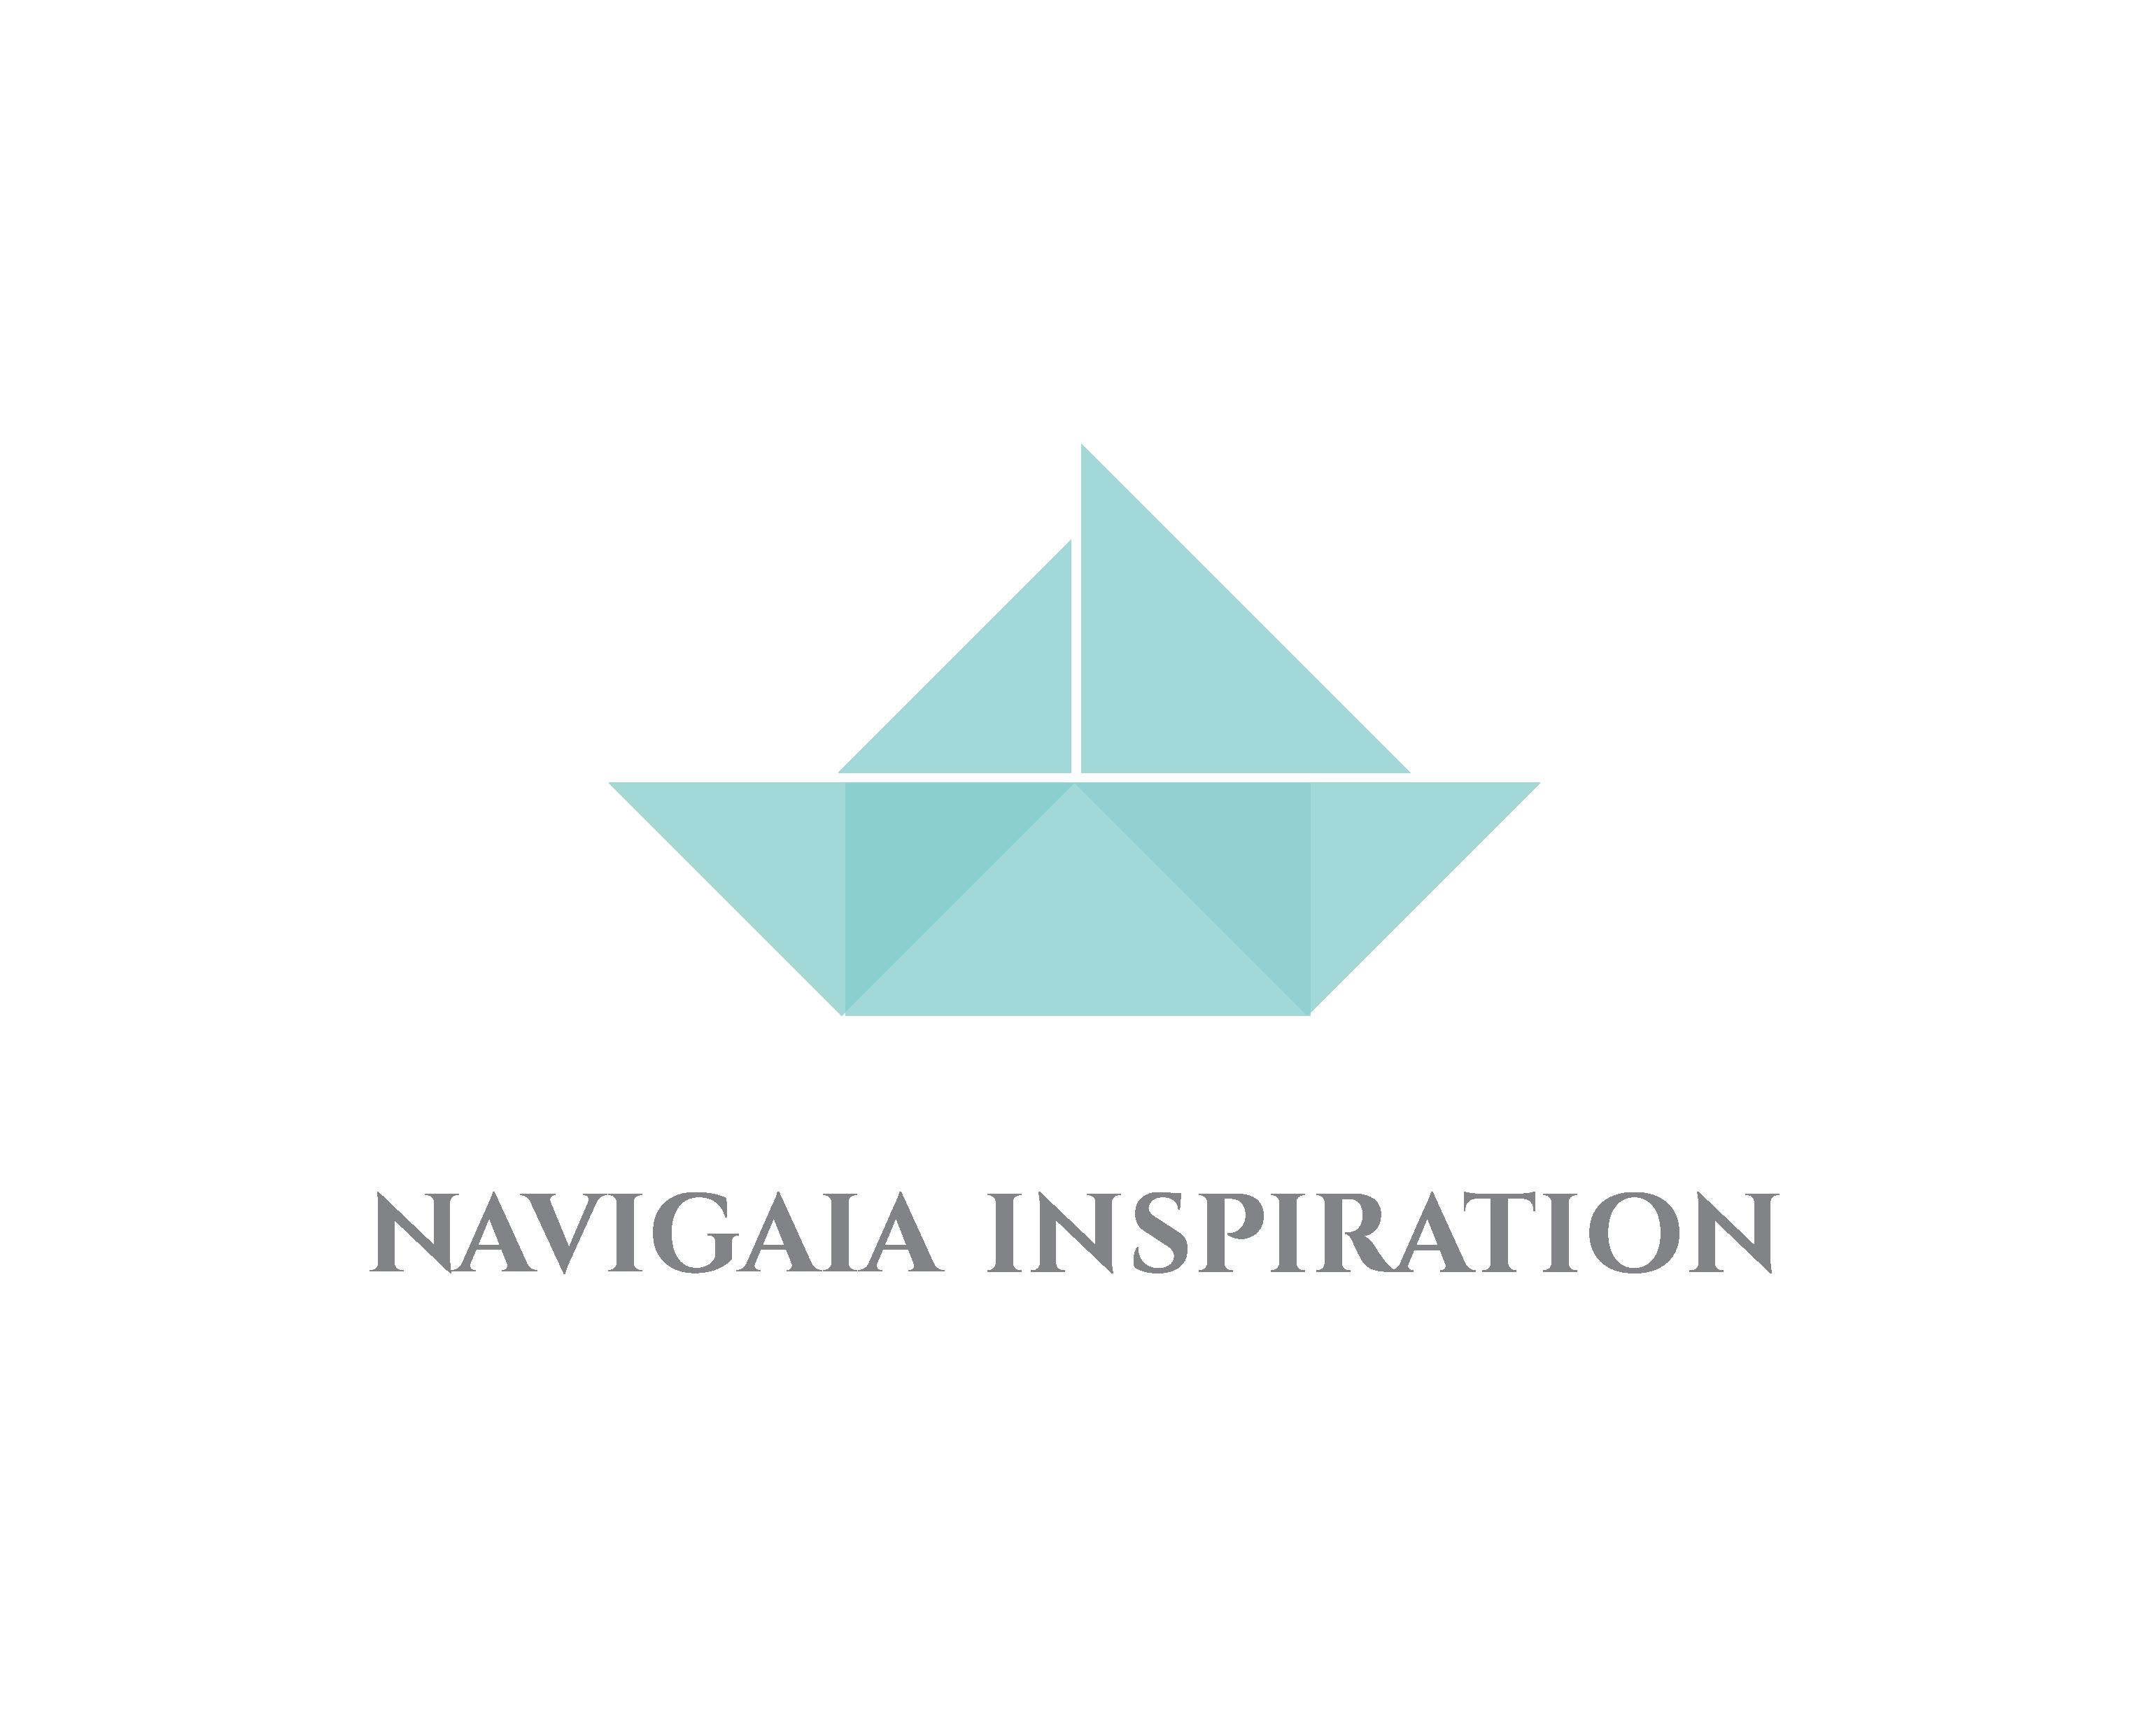 navigaia icon